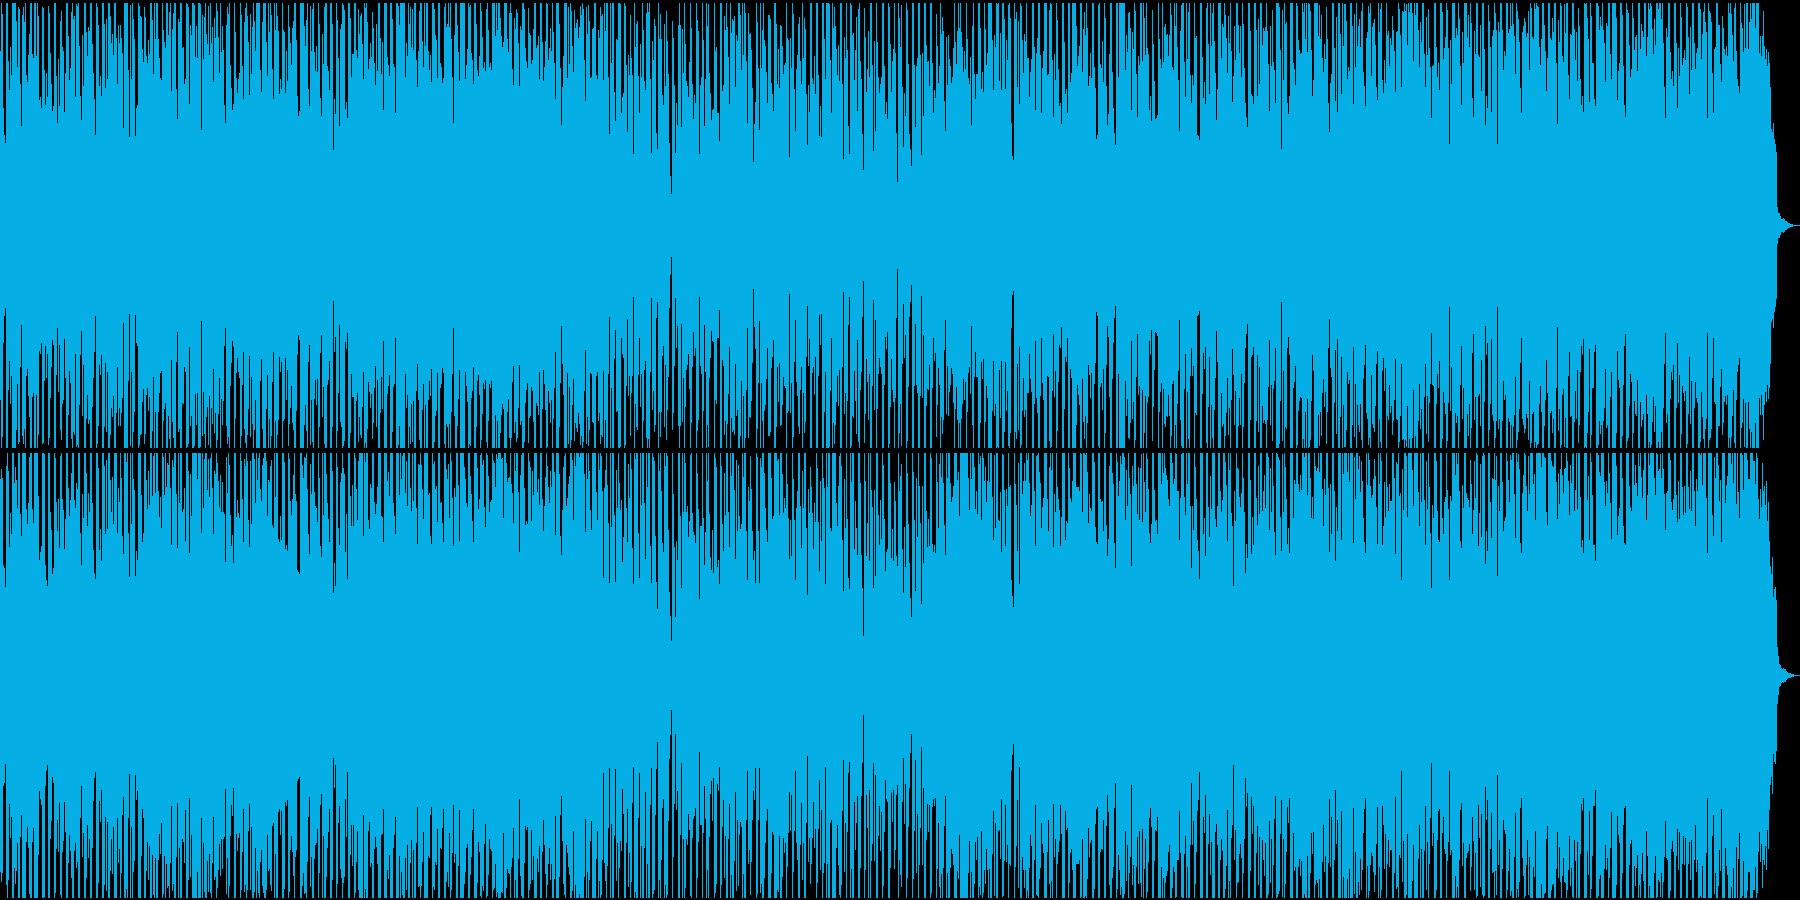 バイオリンとピアノの軽快なポップスの再生済みの波形